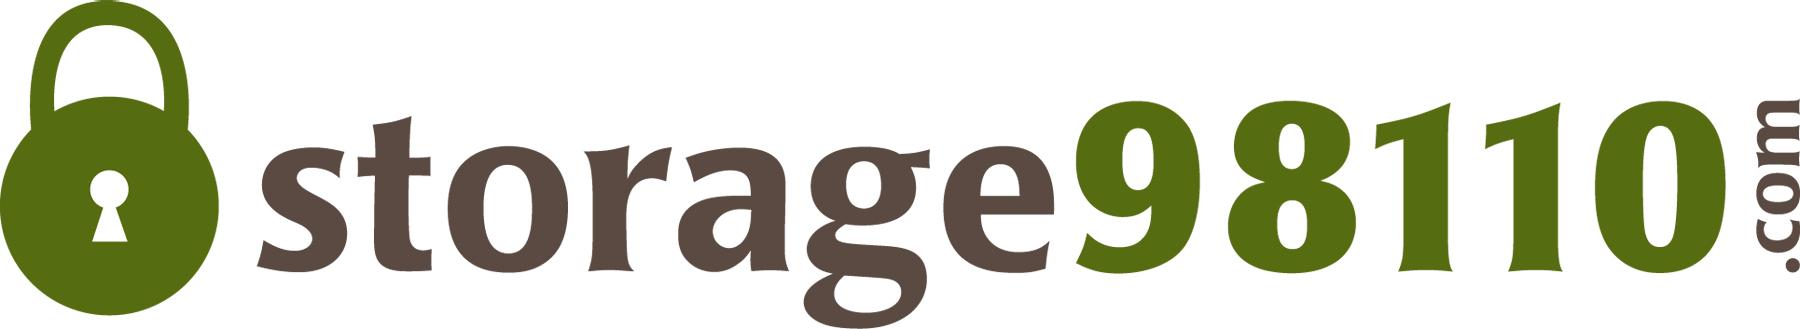 Storage 98110